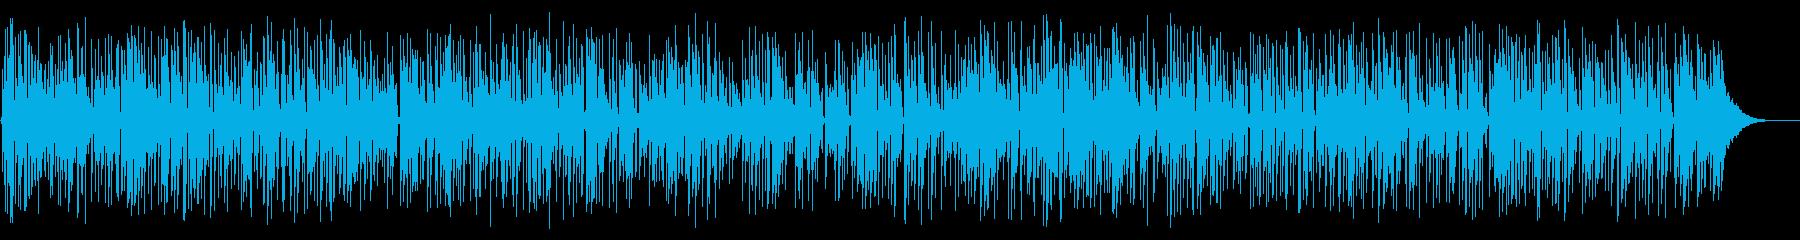 ほのぼのしたアコースティックギターデュオの再生済みの波形